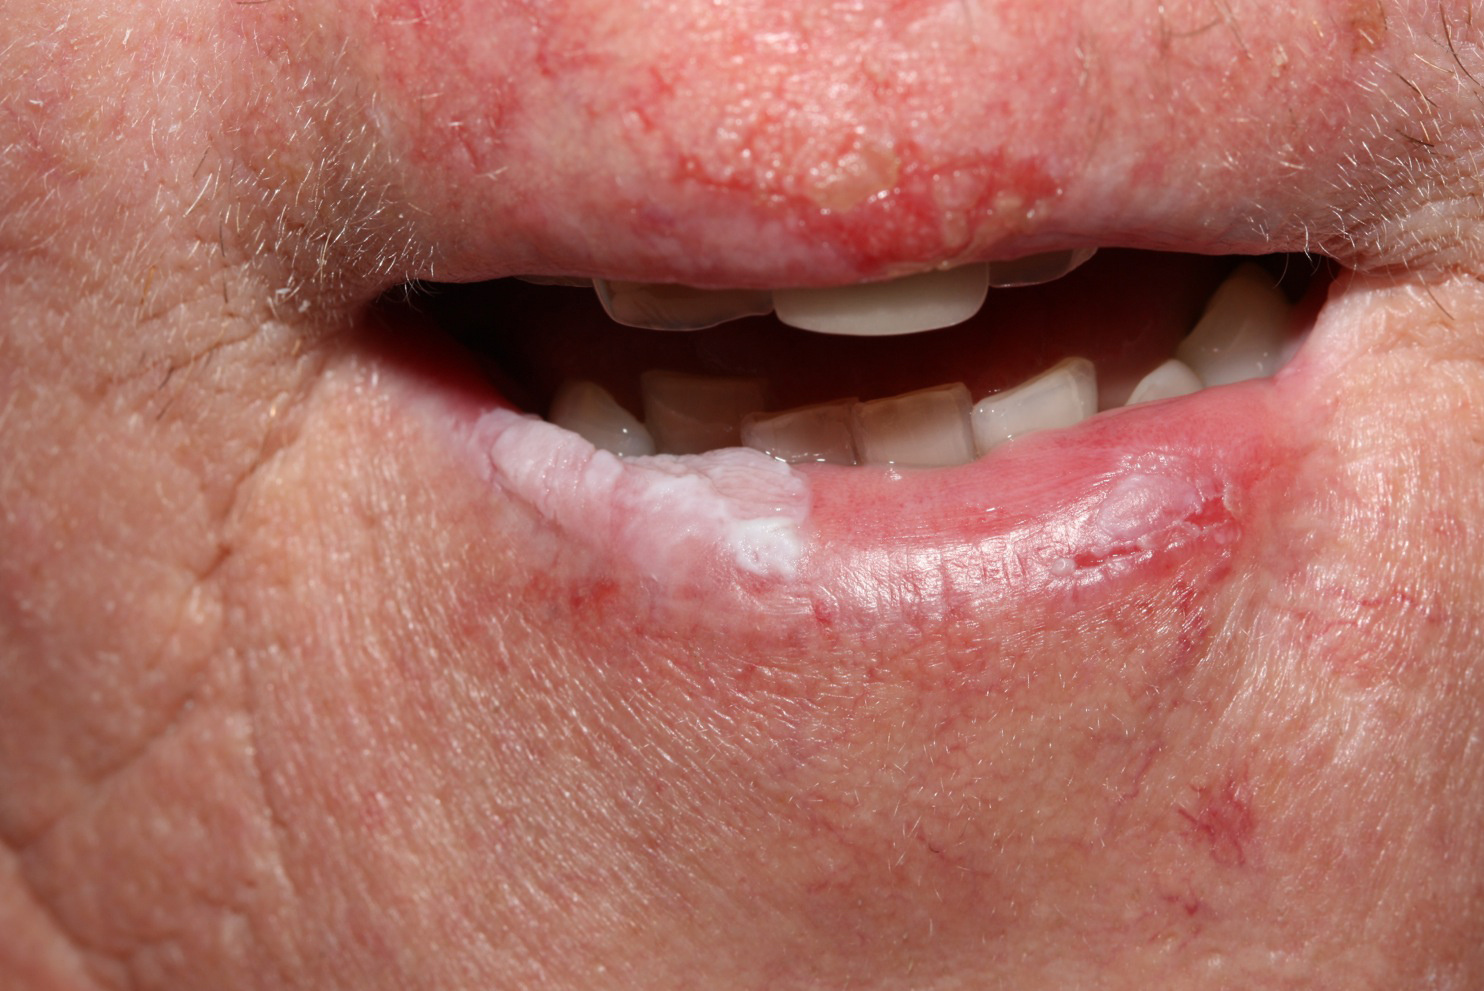 hogyan lehet eltávolítani a vörös foltokat az ajkakon